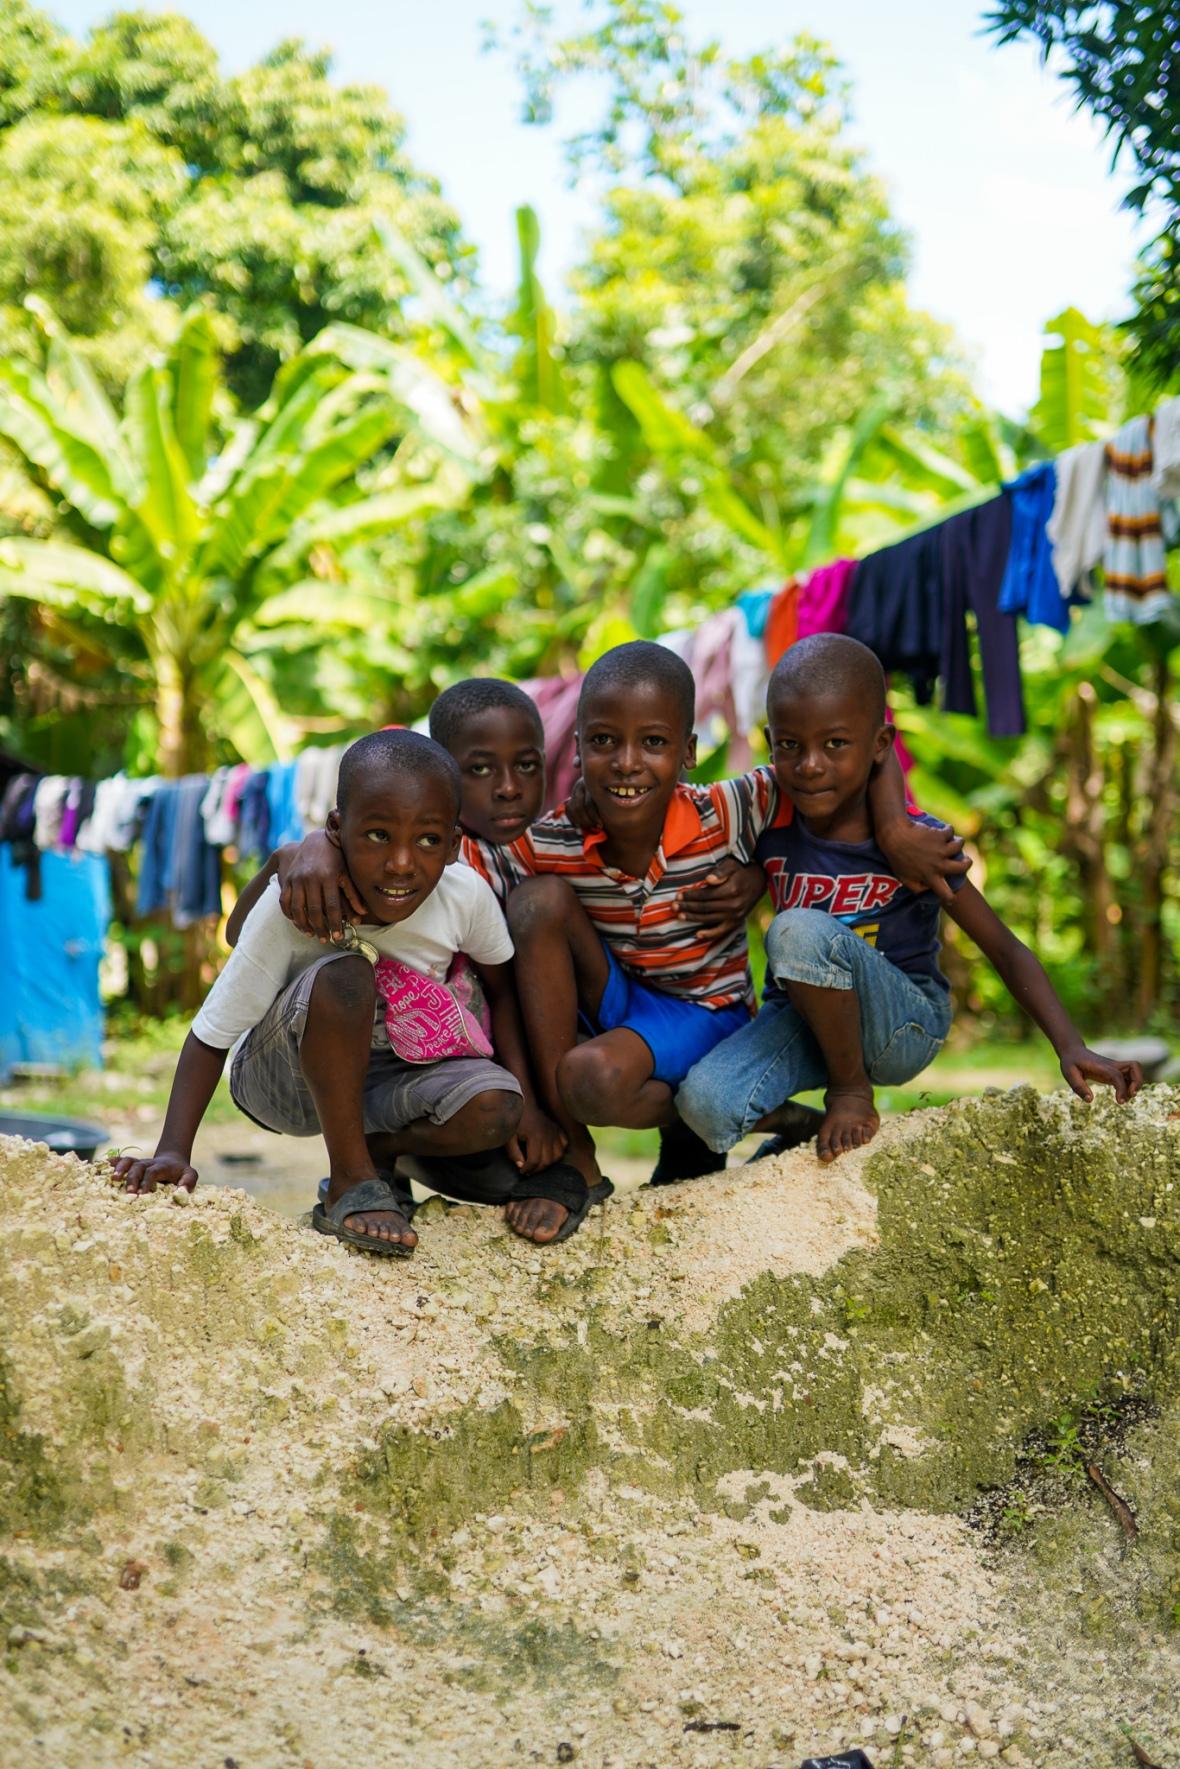 4 Haitain Boys Group Photo